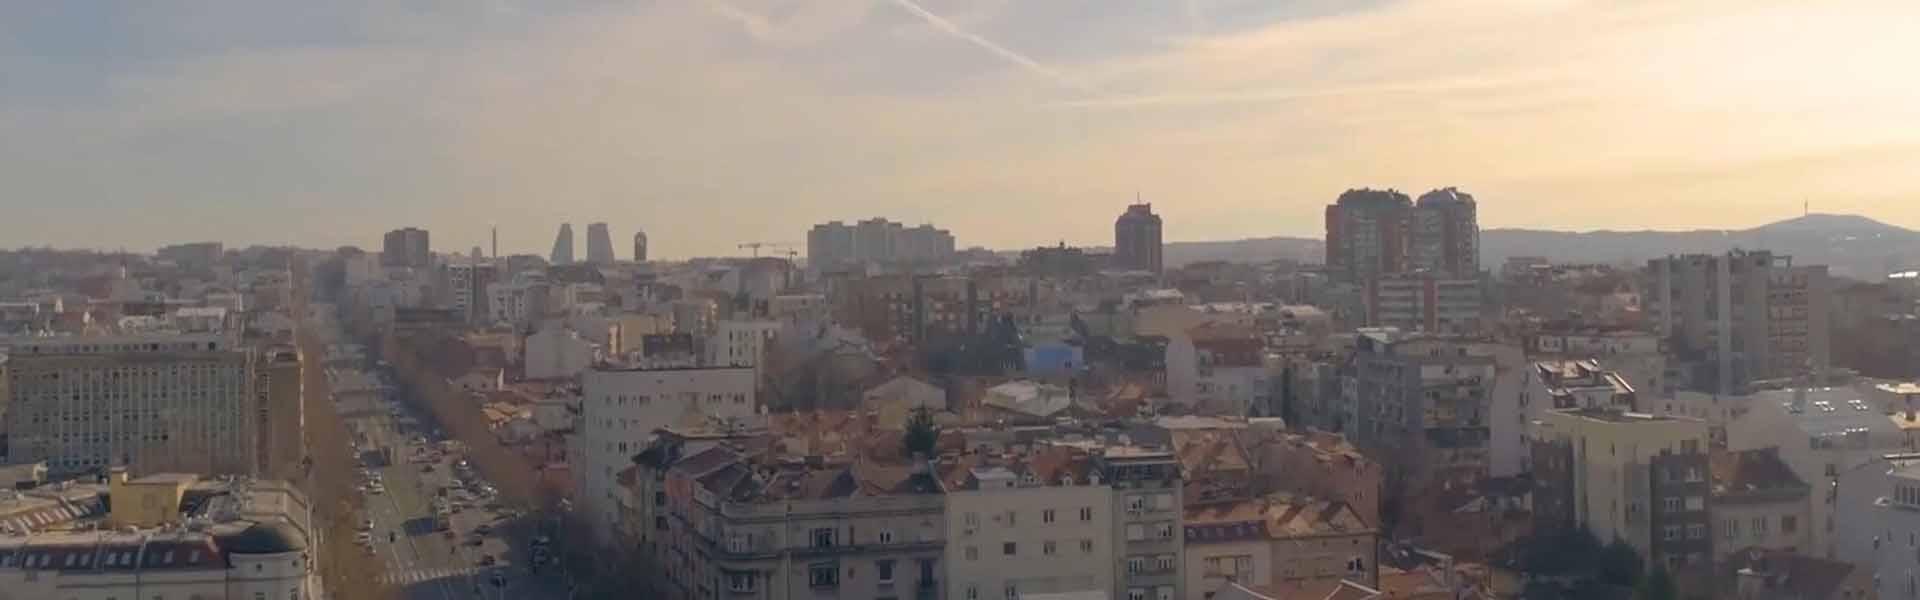 Dostava hrane Zvezdara | Beograd